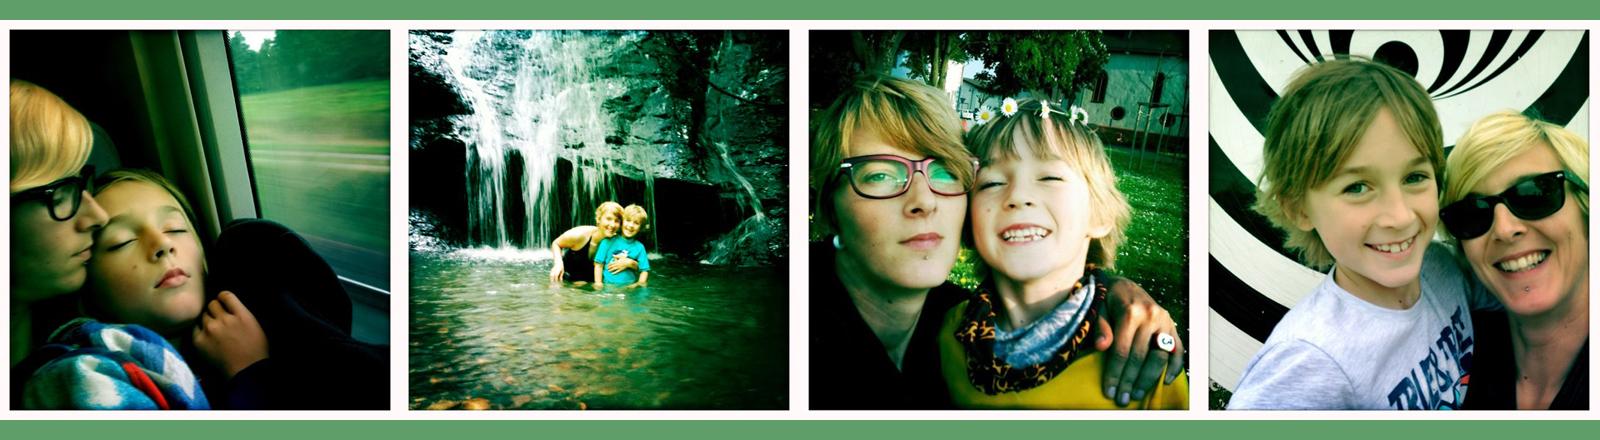 Viele Fotos von einer Mutter mit ihrem Sohn.